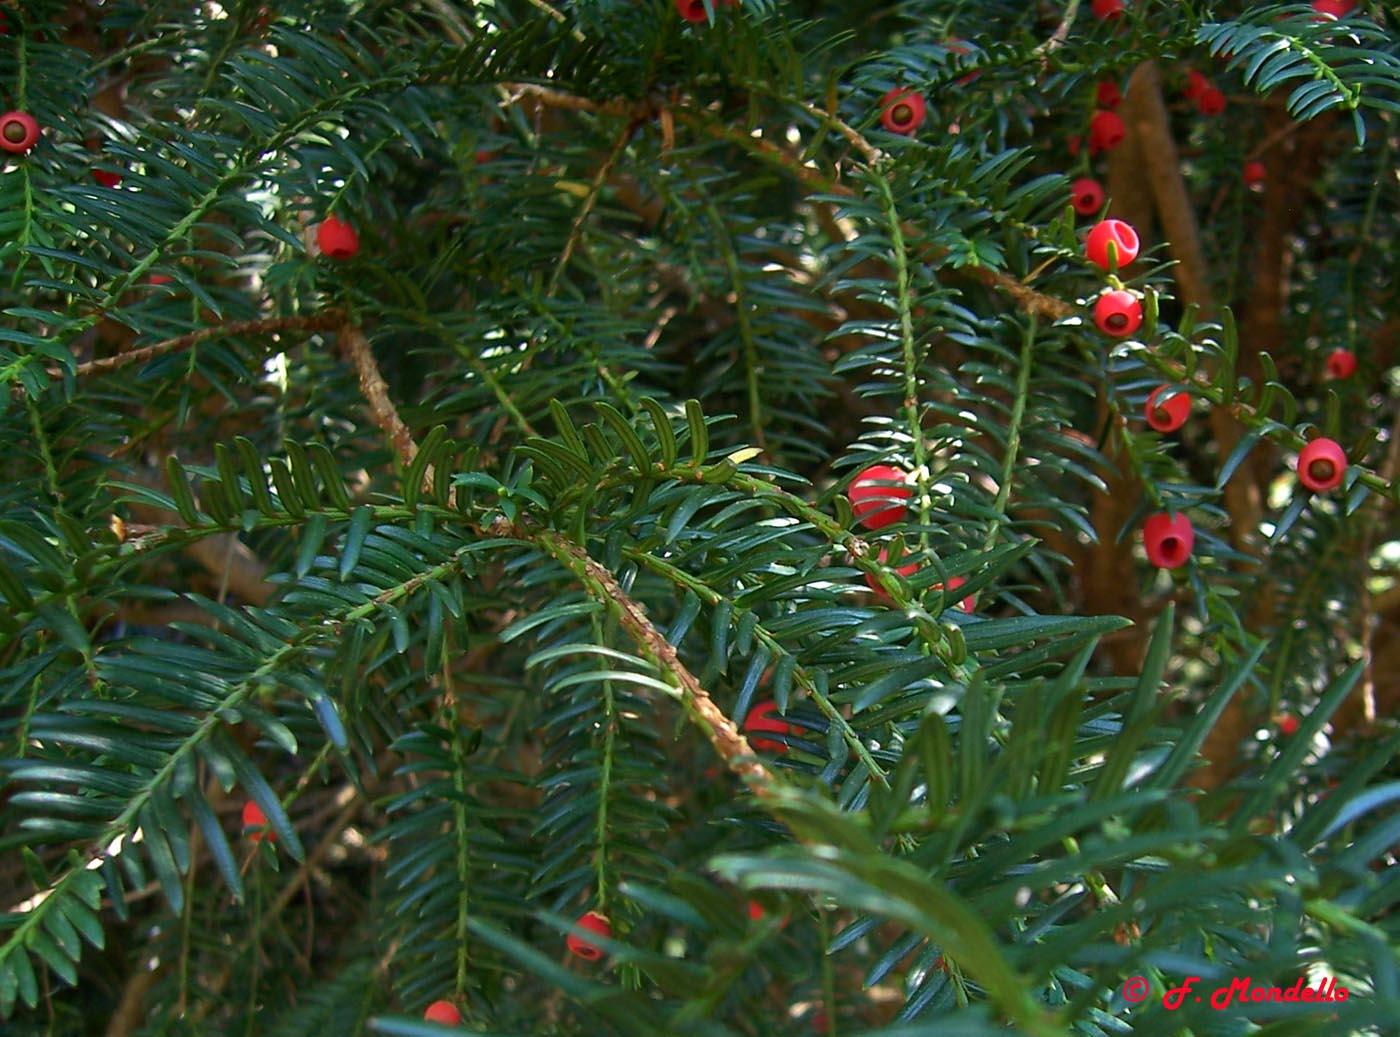 Monti nebrodi o caronie descrizione e foto dei nebrodi for Alberi simili alle querce